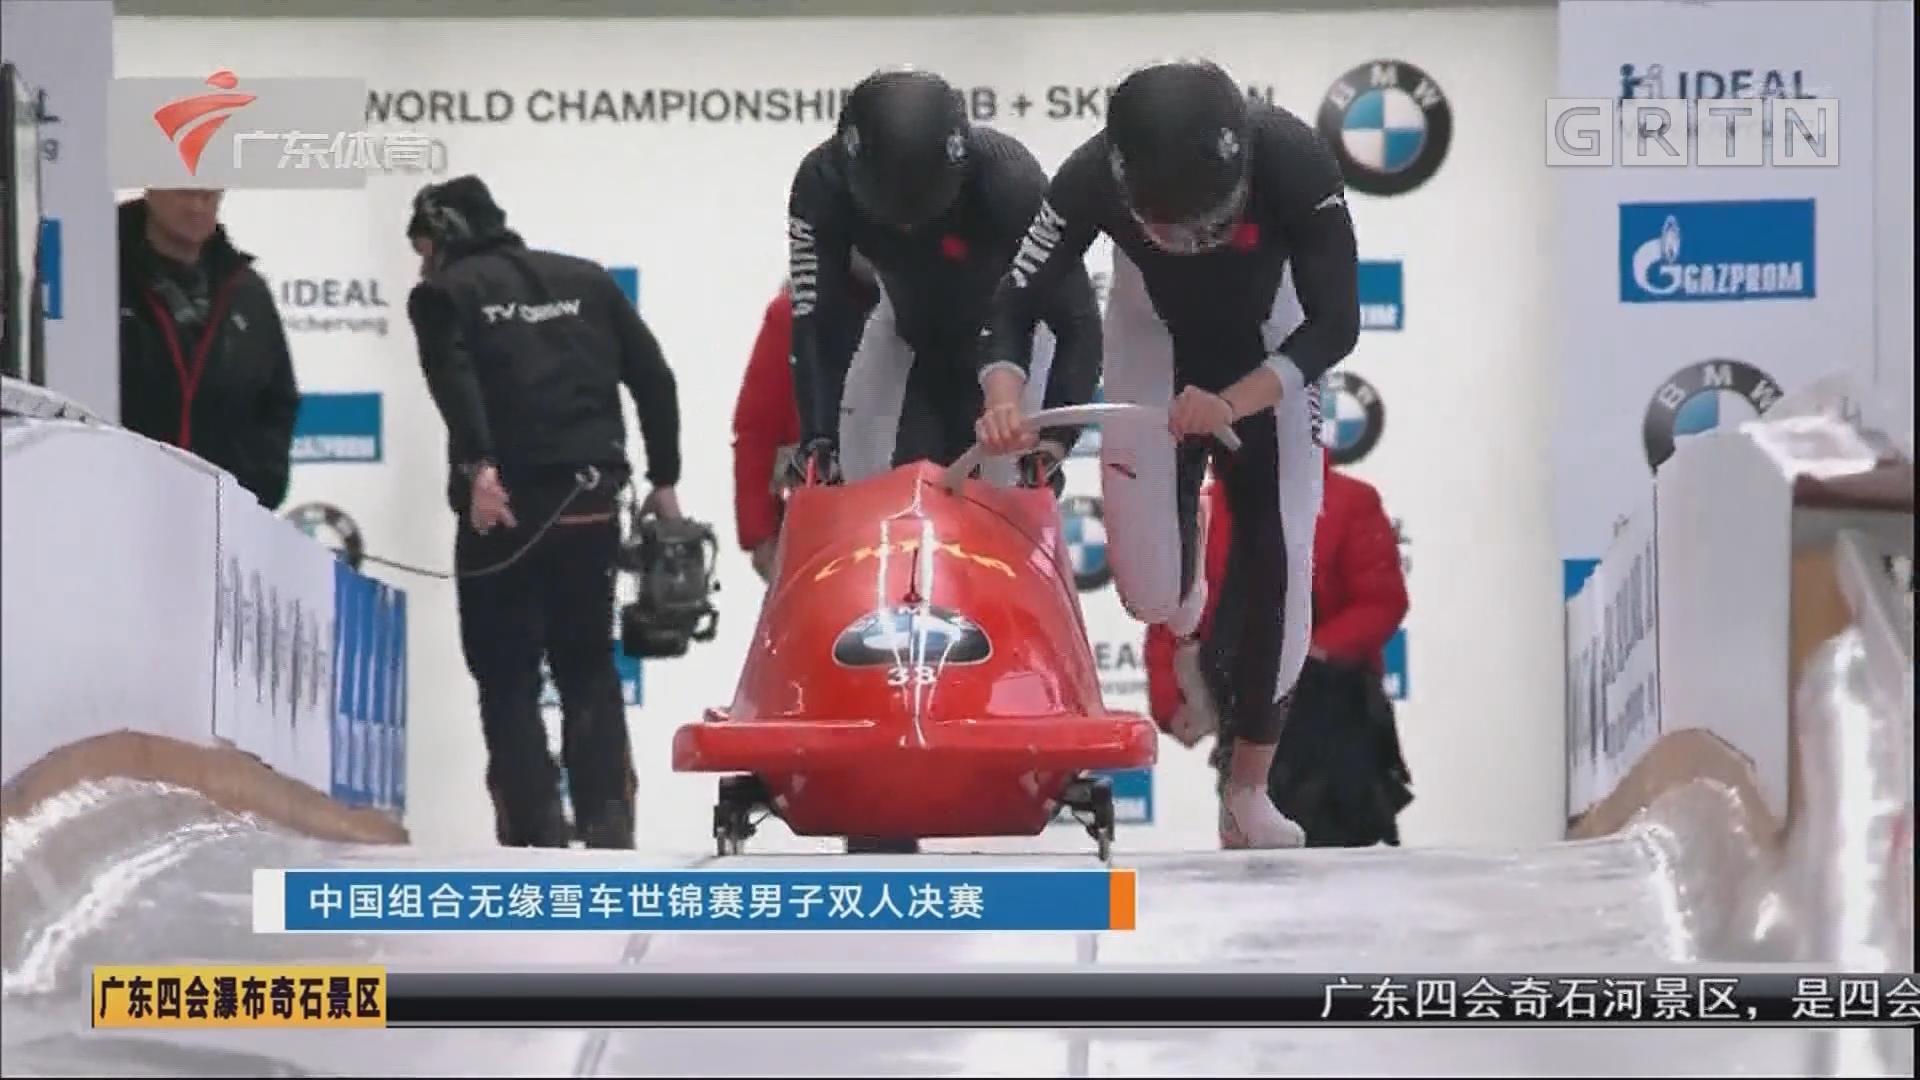 中国组合无缘雪车世锦赛男子双人决赛